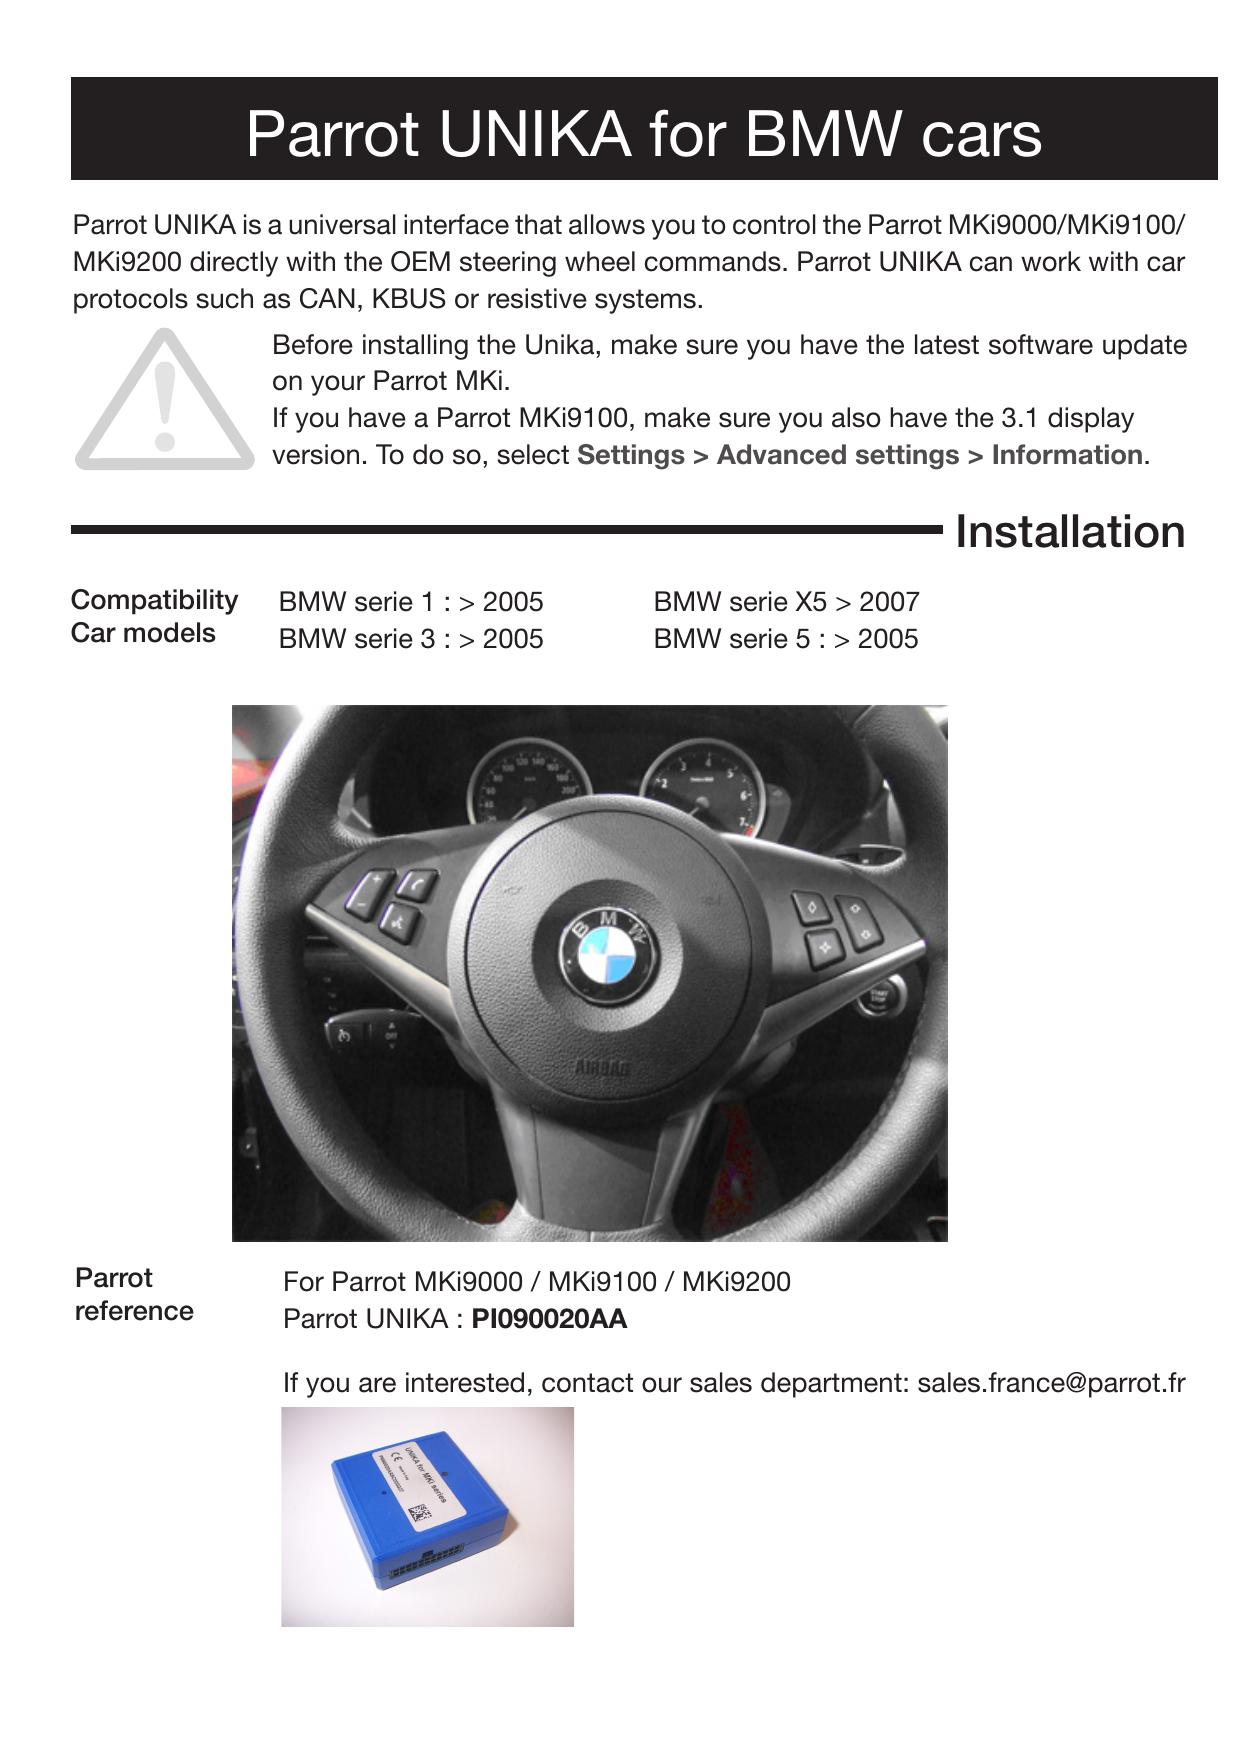 Parrot UNIKA for BMW cars | manualzz com